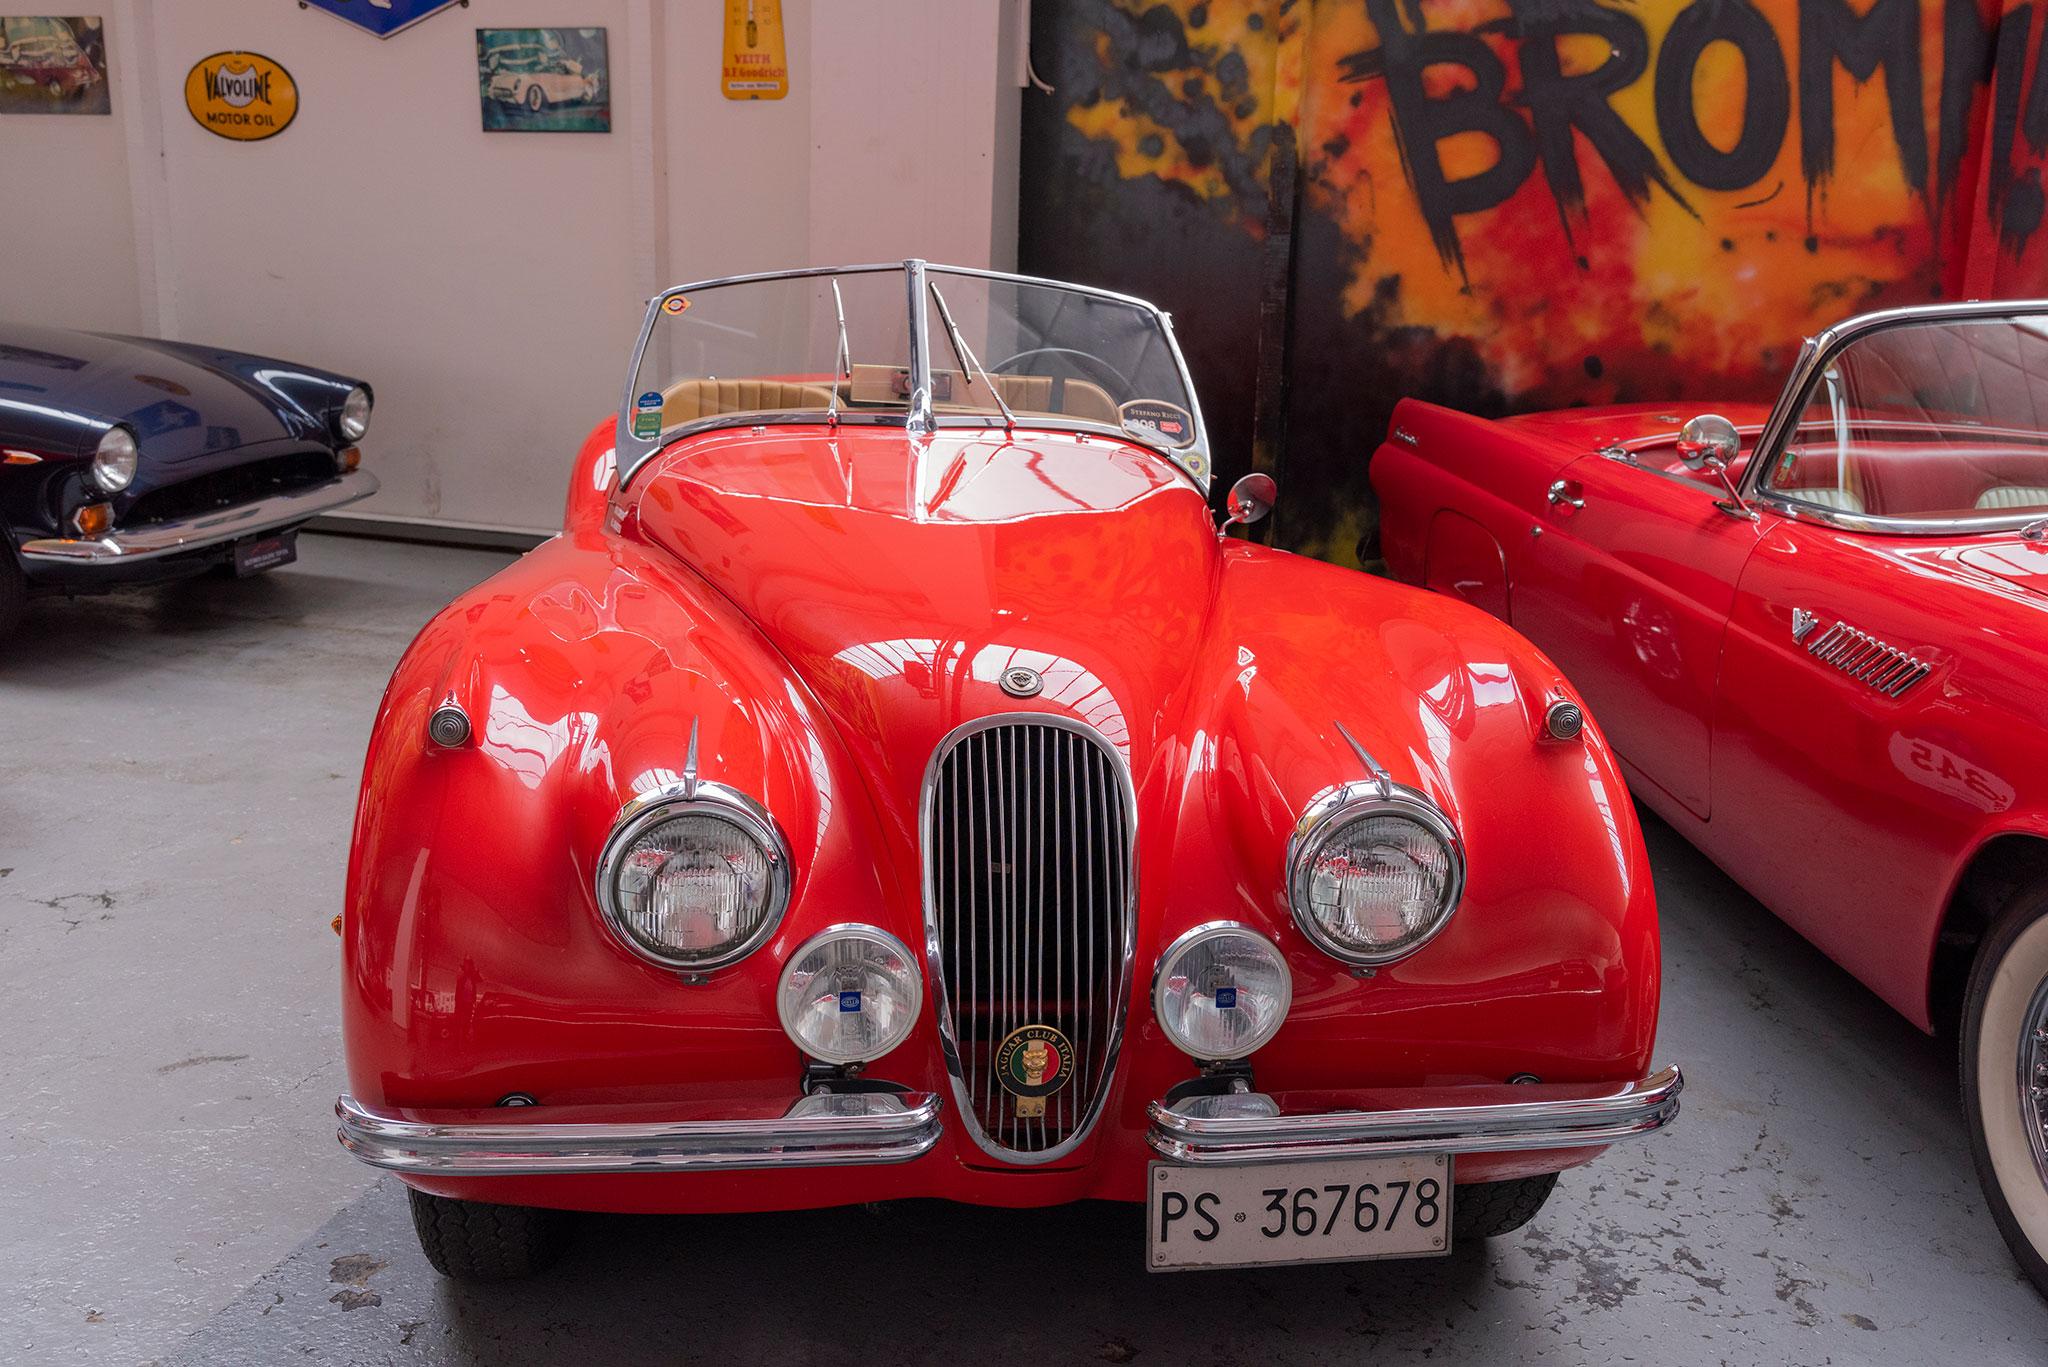 1954 Jaguar XK 120 OTS origine italienne pour ce modèle.